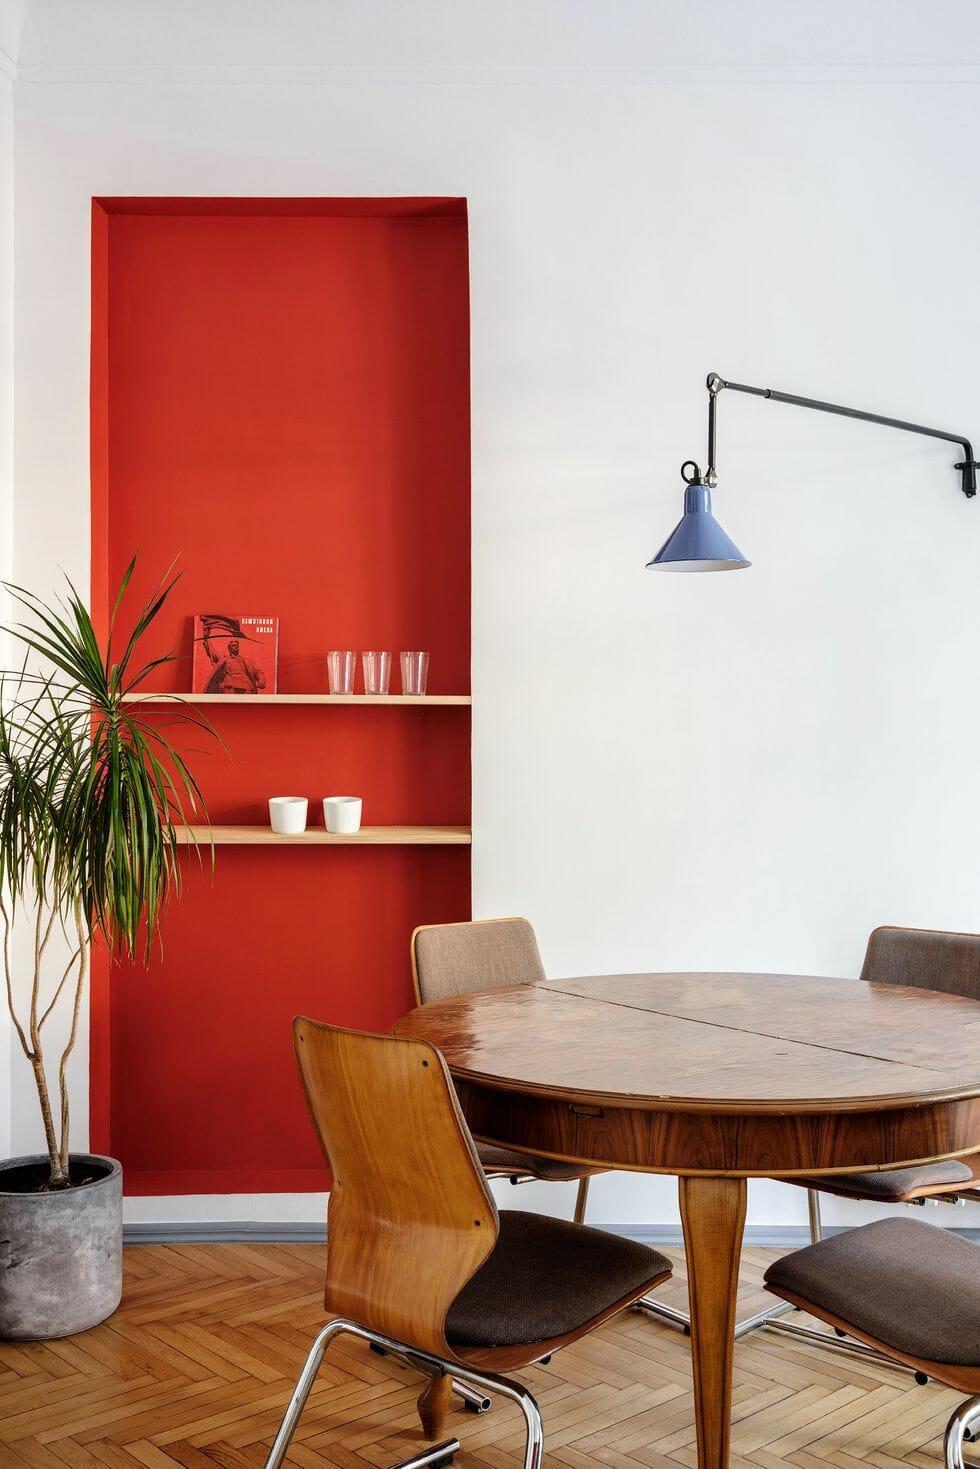 hình ảnh phòng ăn vói bàn tròn, bức tường màu đỏ cam, kệ nổi bằng gỗ